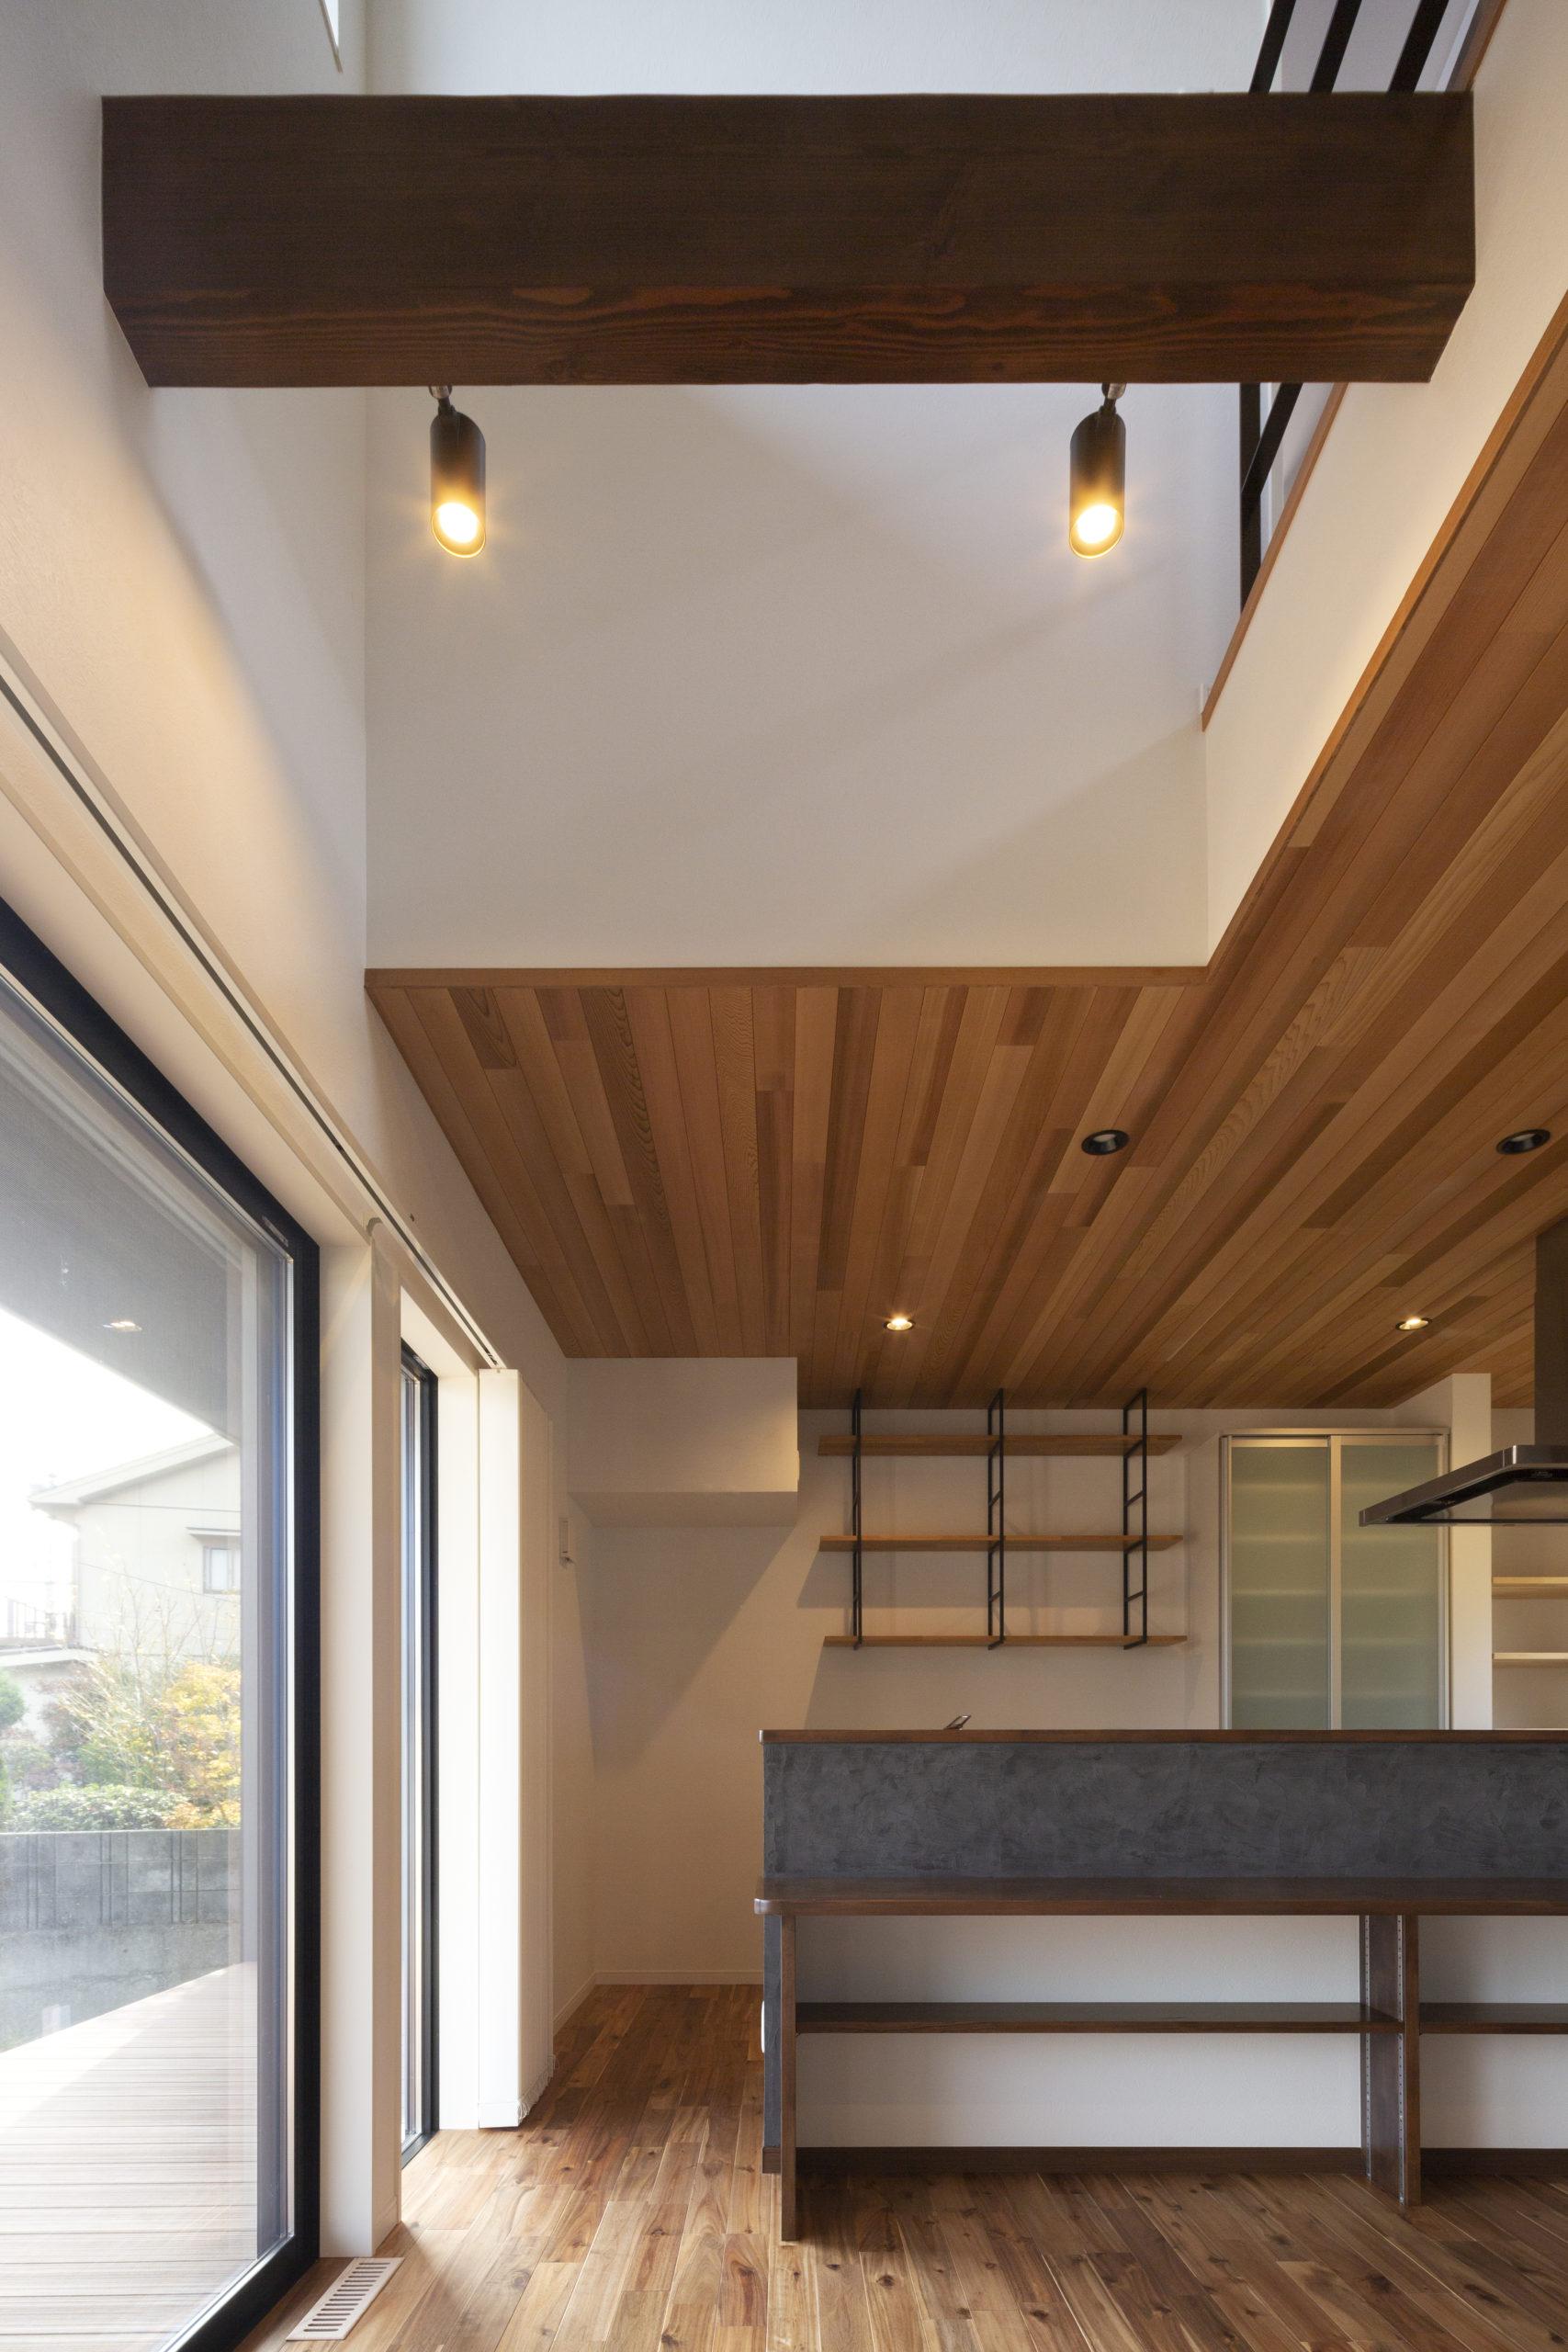 福山市の注文住宅|今井住建の施工事例ギャラリー「化粧梁と照明で空間を彩ってみませんか」